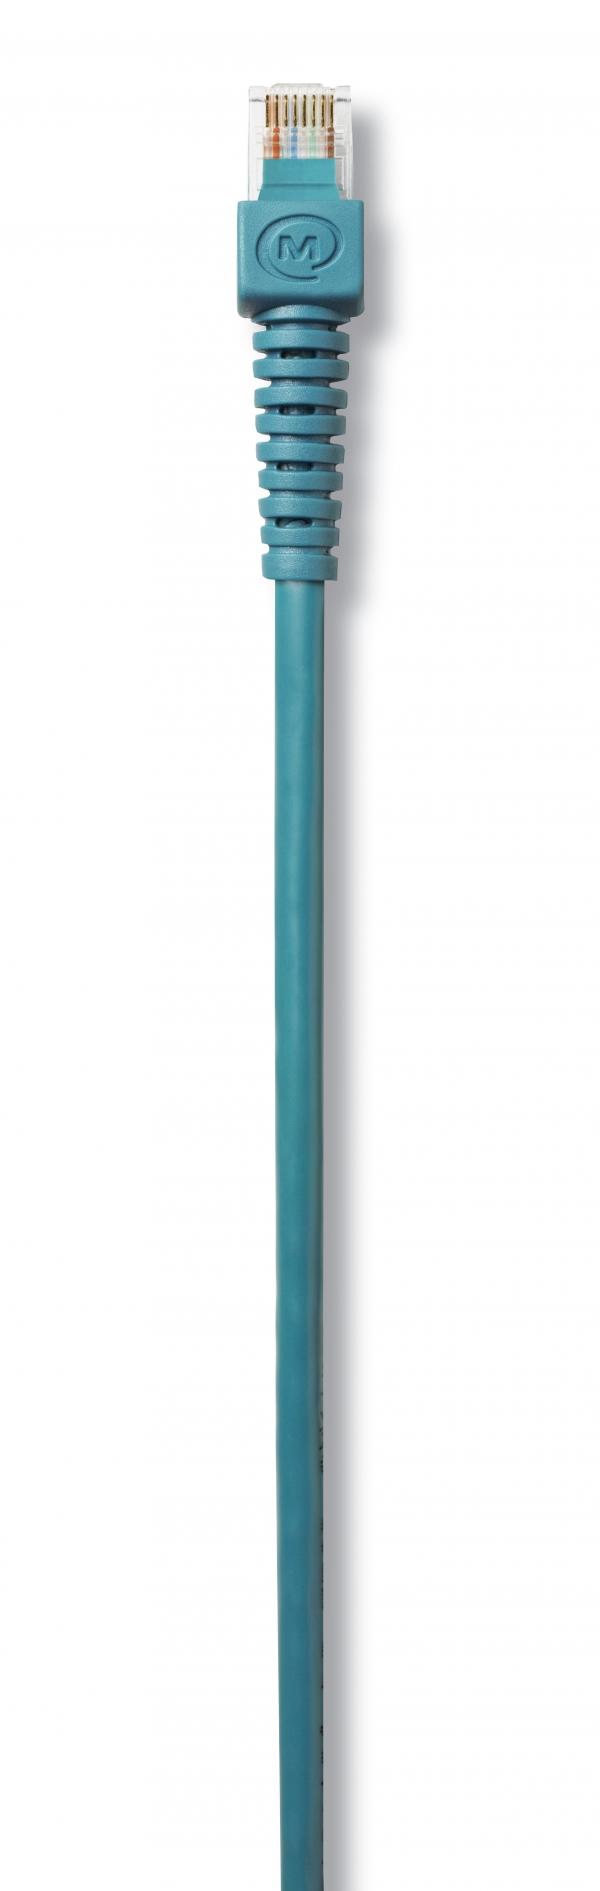 Cavo MasterBus 0.5 m